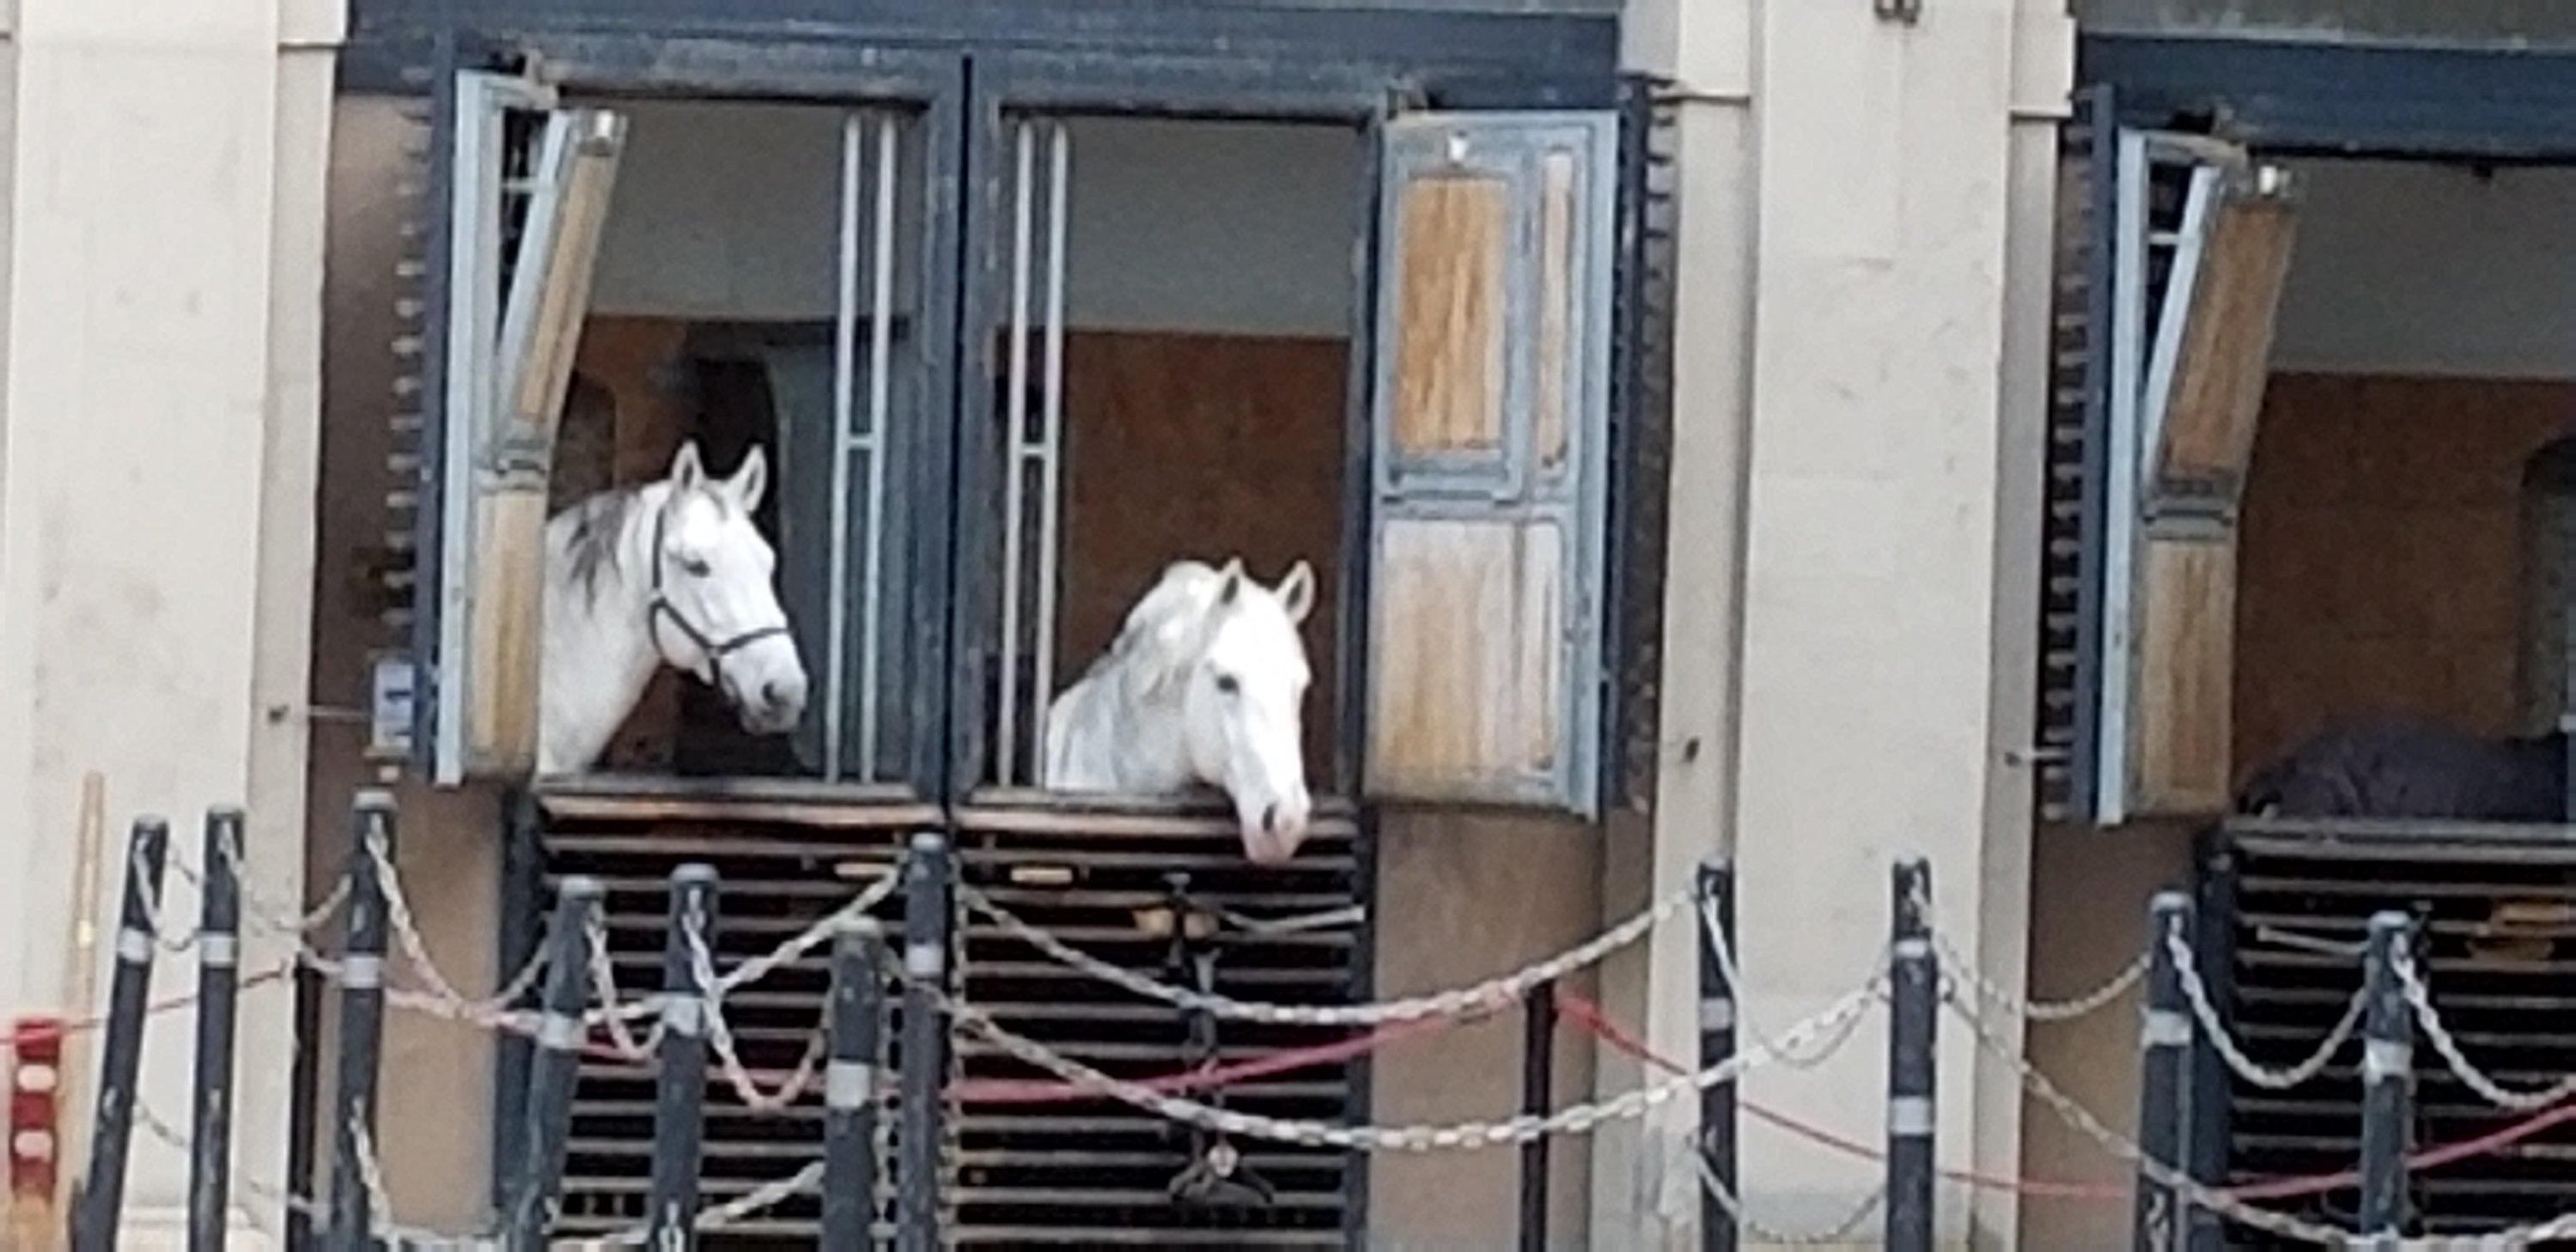 Lippizan stallions watch the crowds go by